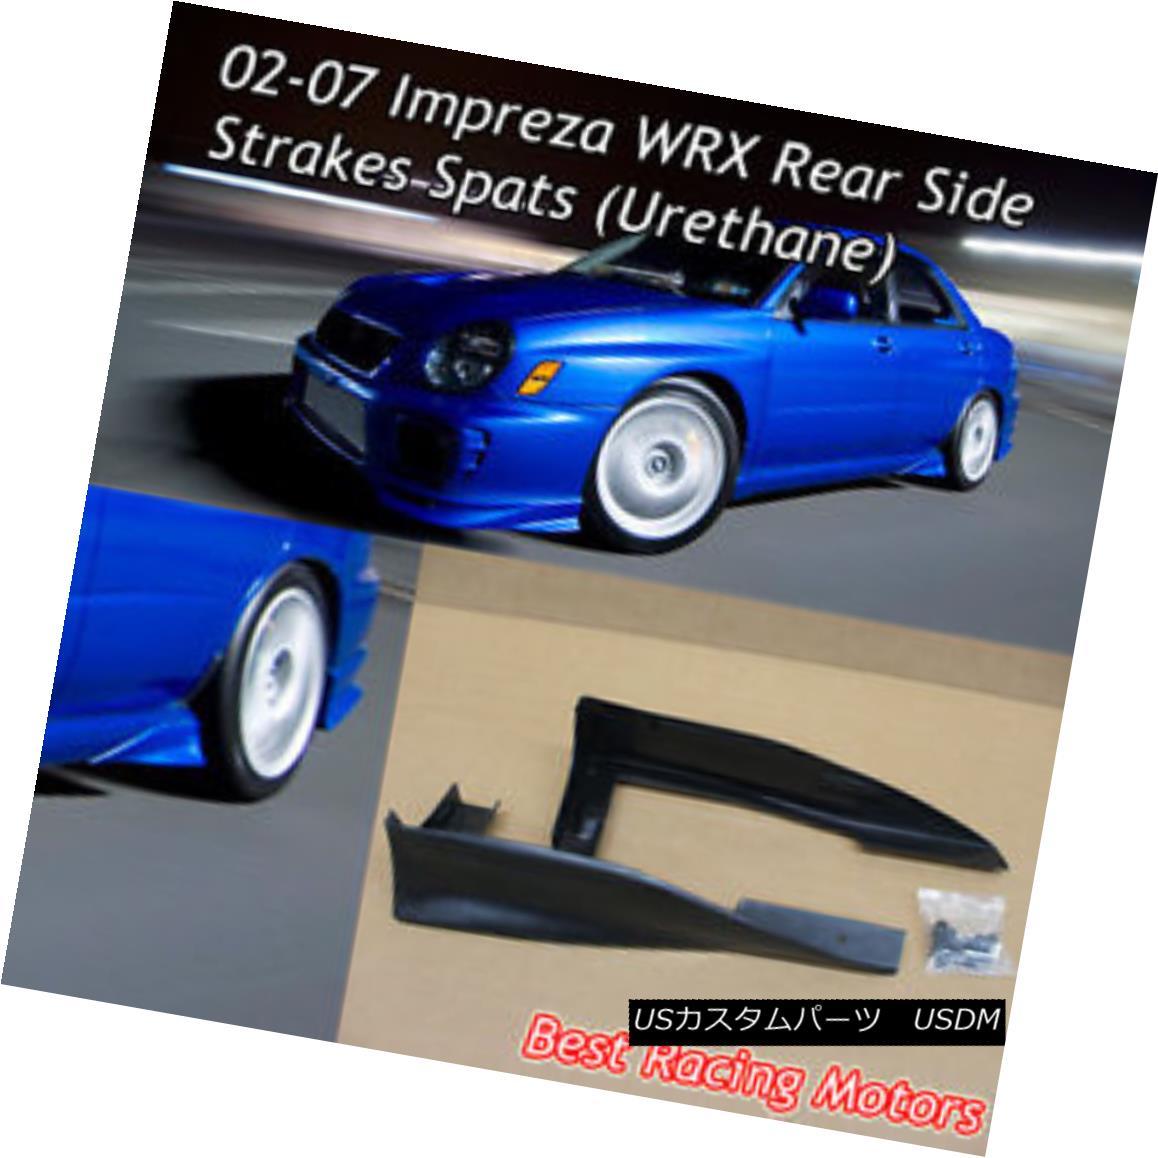 エアロパーツ Rear Side Spats Fits 02-07 Subaru Impreza WRX リアサイドスパッツフィット02-07 Subaru Impreza WRX